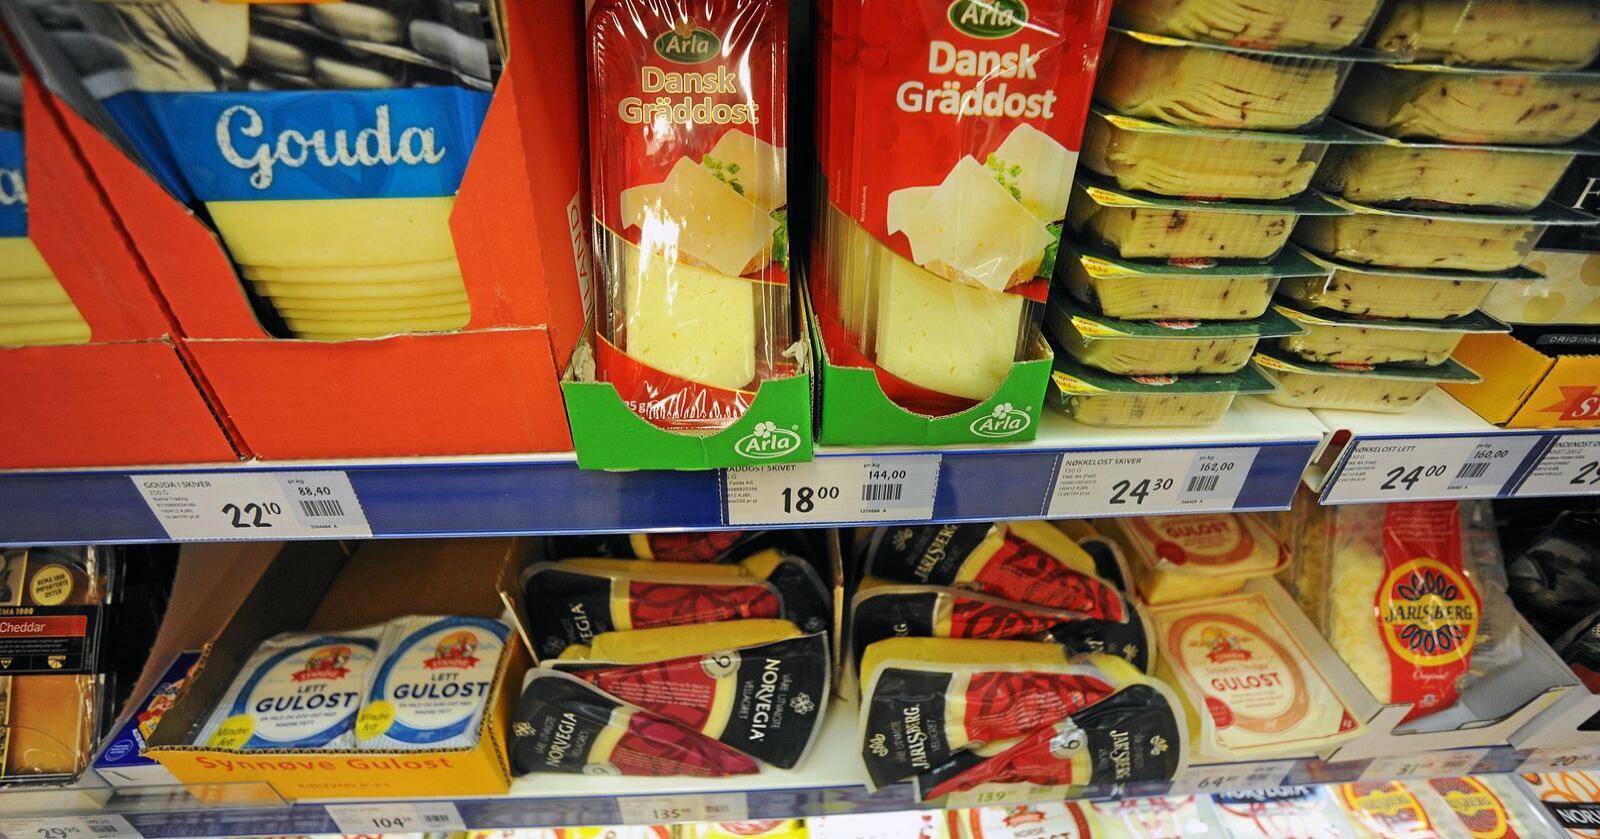 Den eskalerande importauken av ost legg ikkje spesielt godt til rette for avsetjing av mjølk frå norske mjølkeprodusentar, skriv Torbjørn Tufte.  Foto: Siri Juell Rasmussen